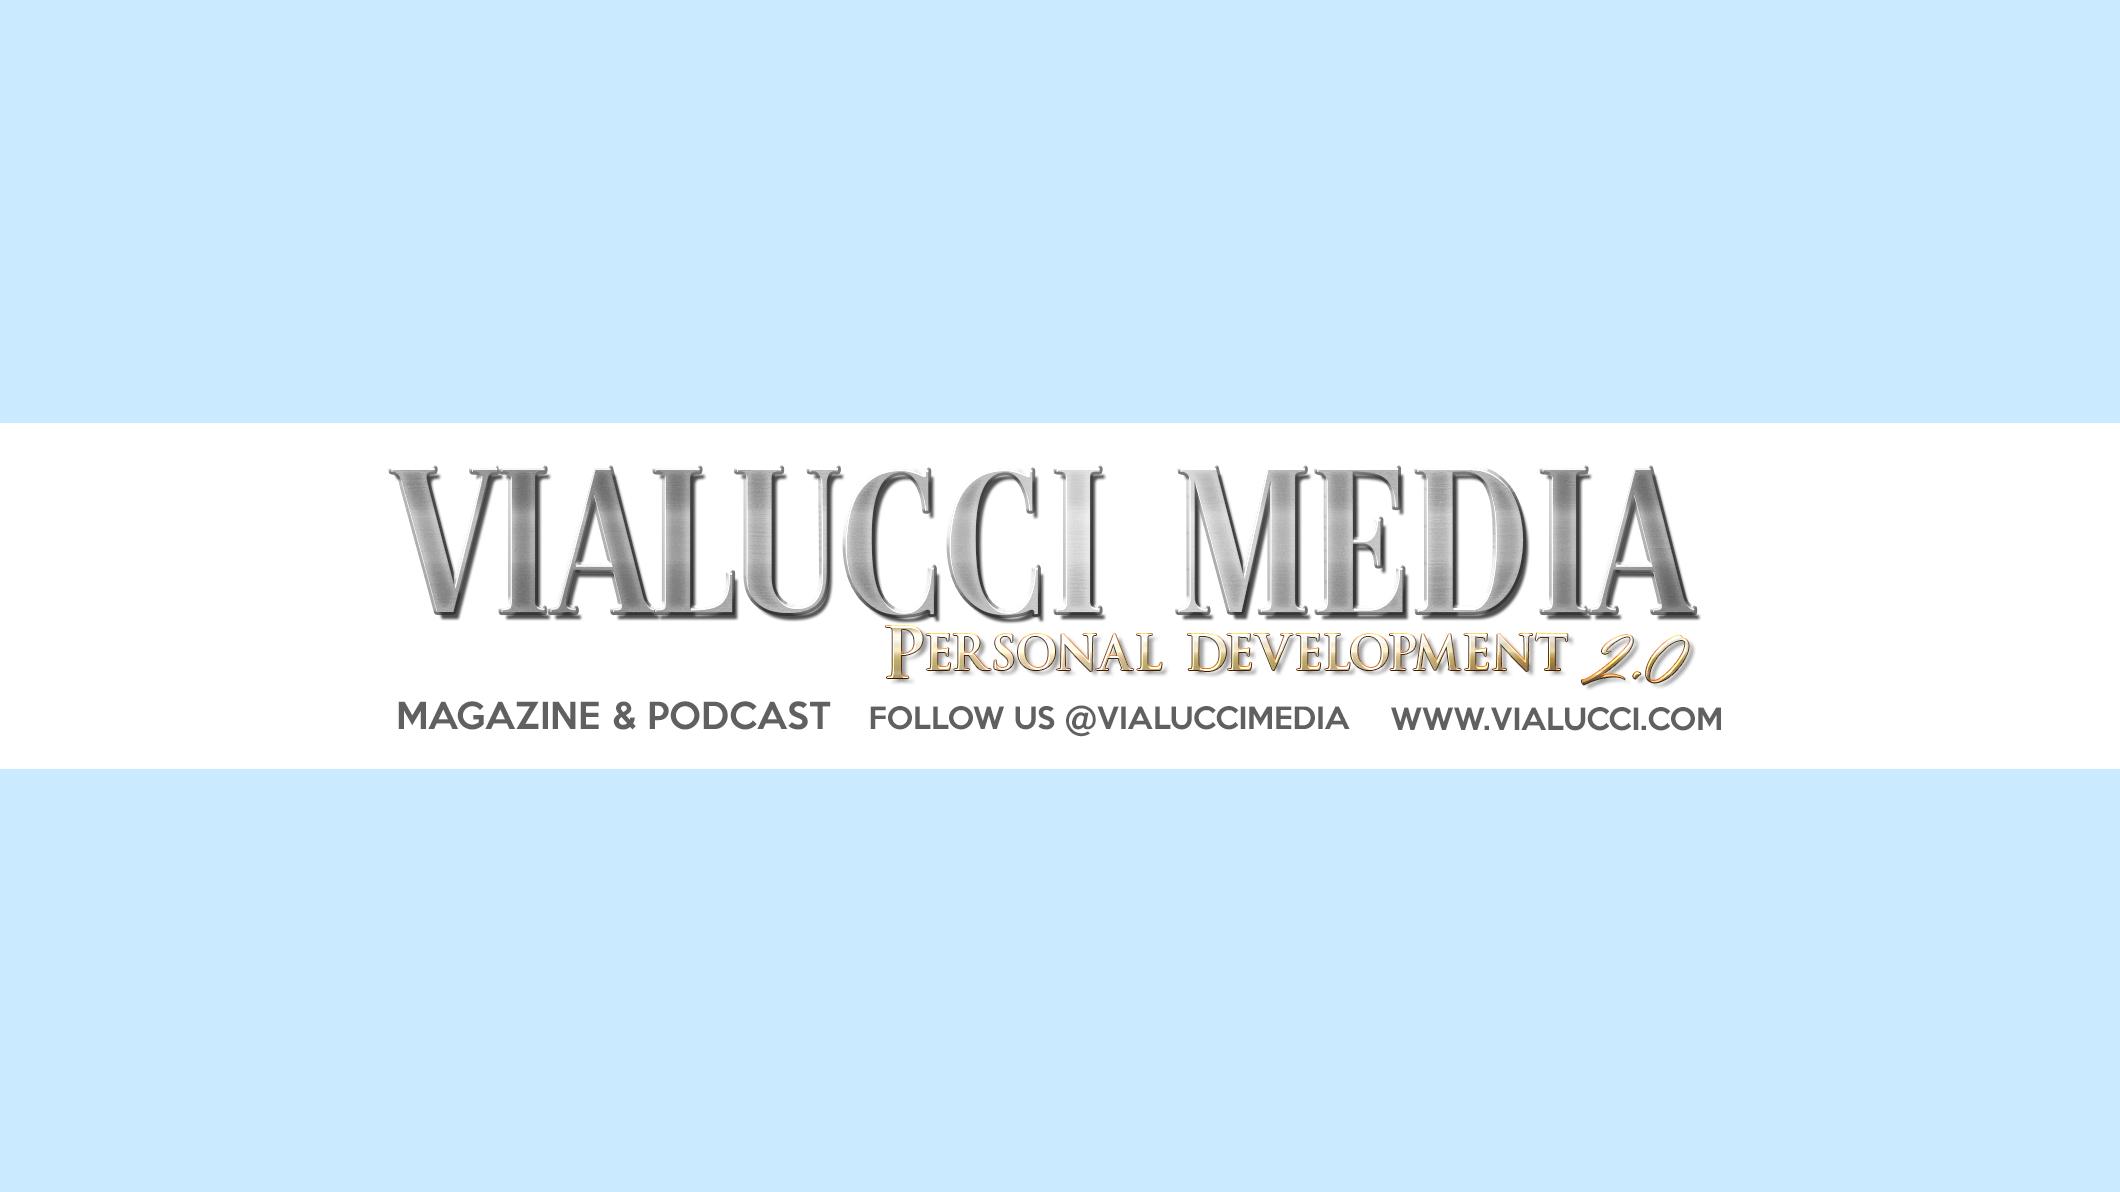 Vialucci